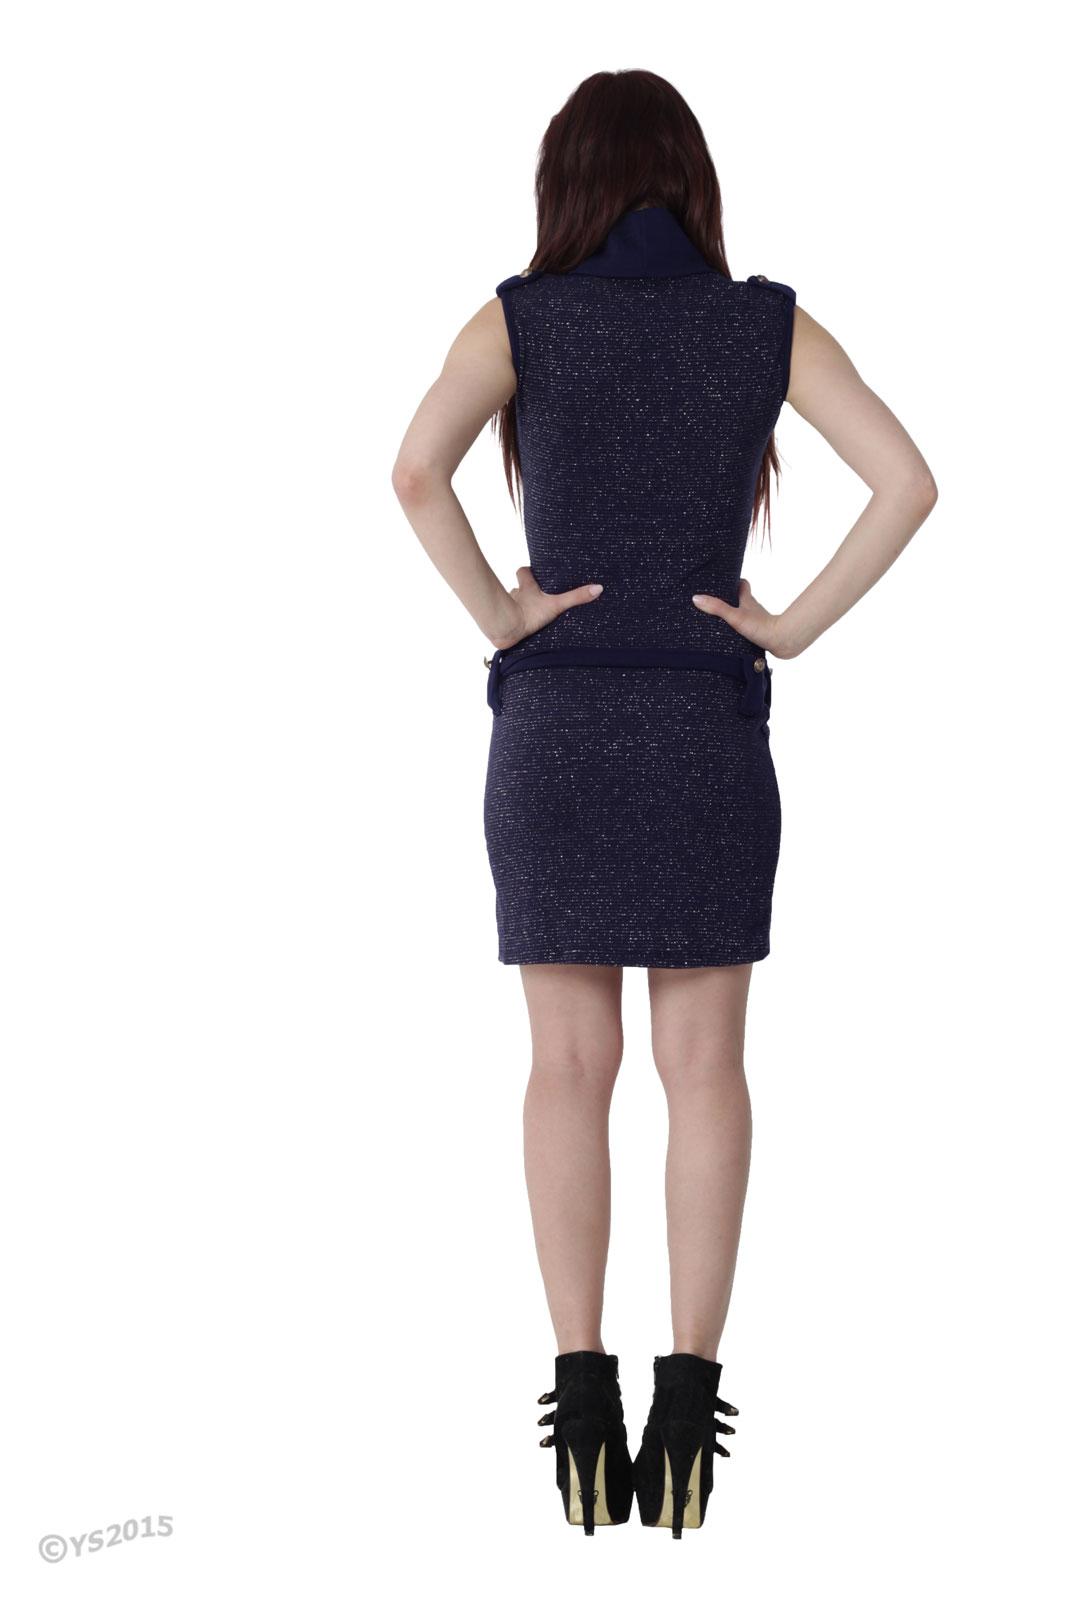 Vicy24 De Sexy Elegantes Kleid Strickkleid Rollkragen Abend Tanz 34 36 S M Made In Italy Blau